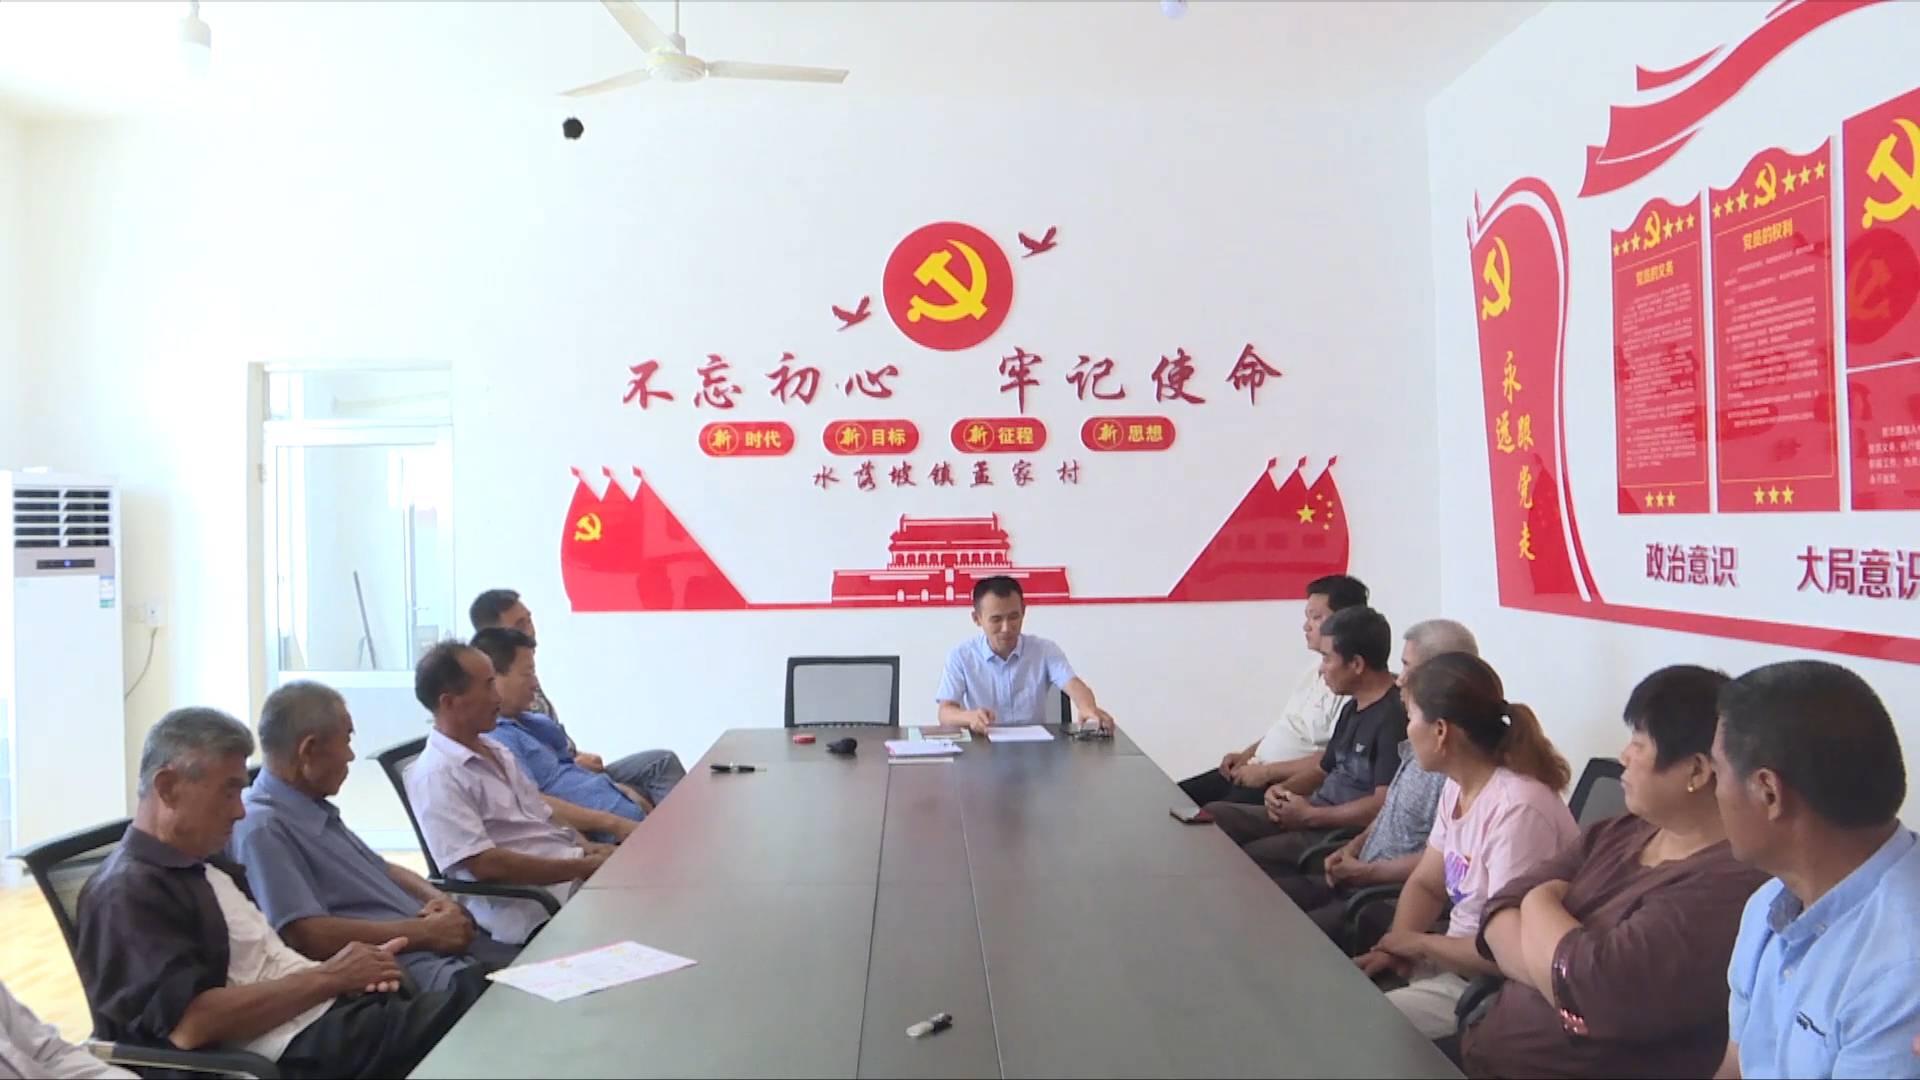 滨州学院第一书记团队:为村民铺就致富路《山东教育周刊》20200906播出